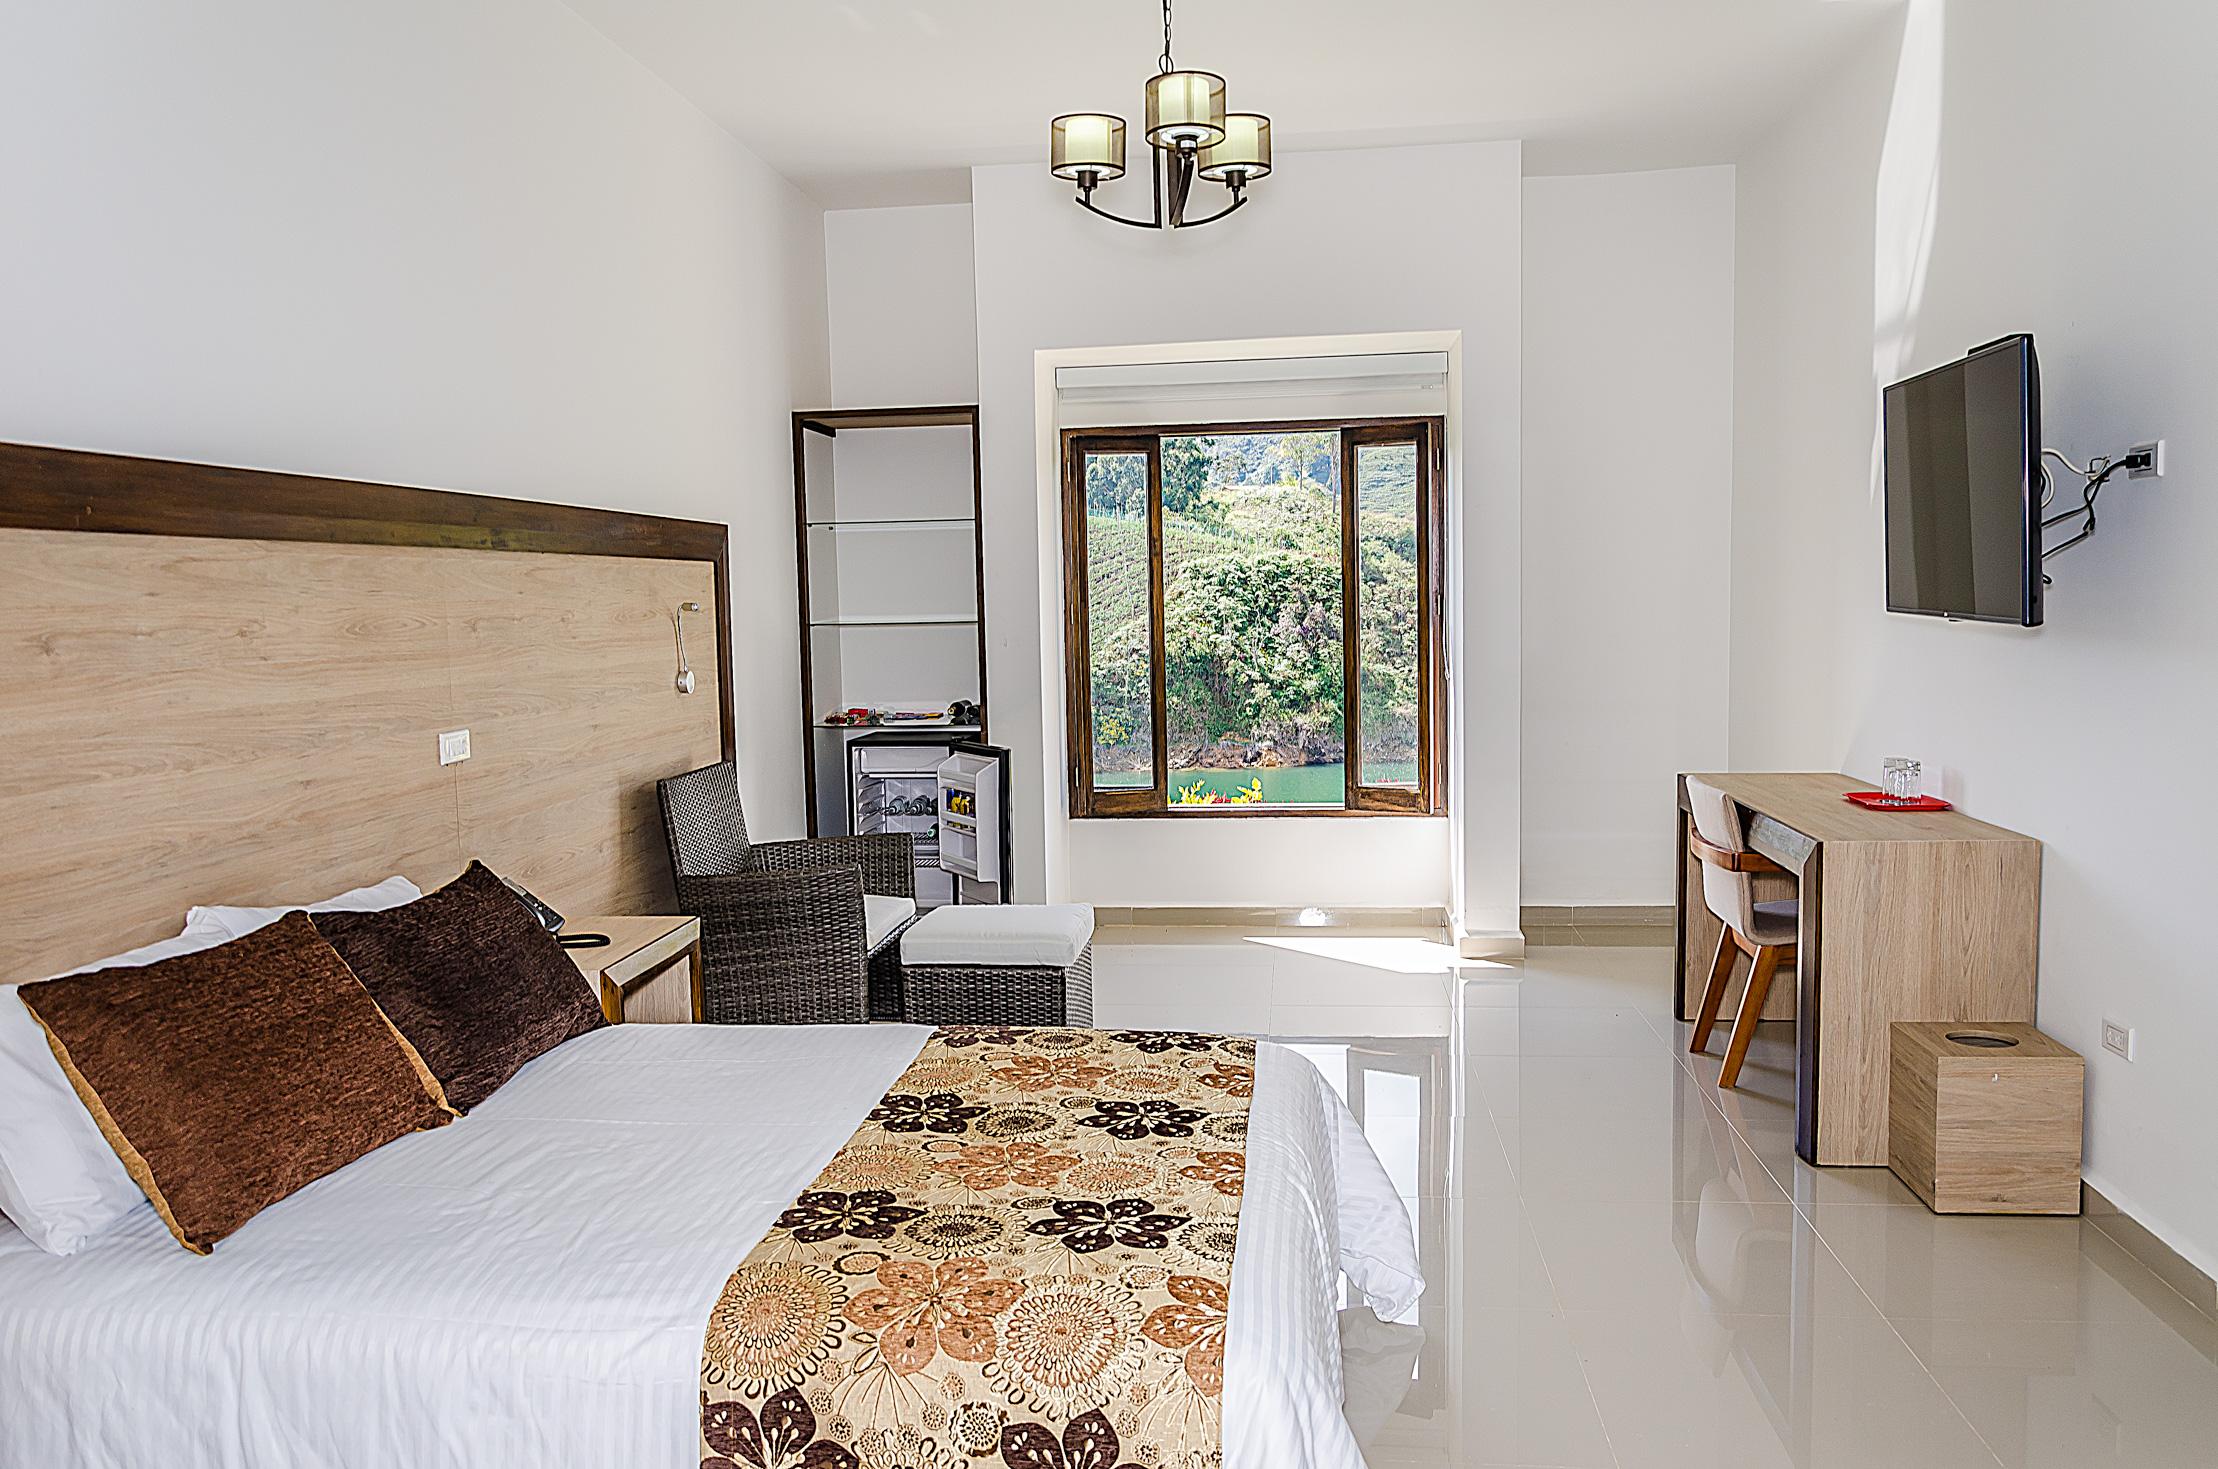 Hotel-la-magadalena-habitacion